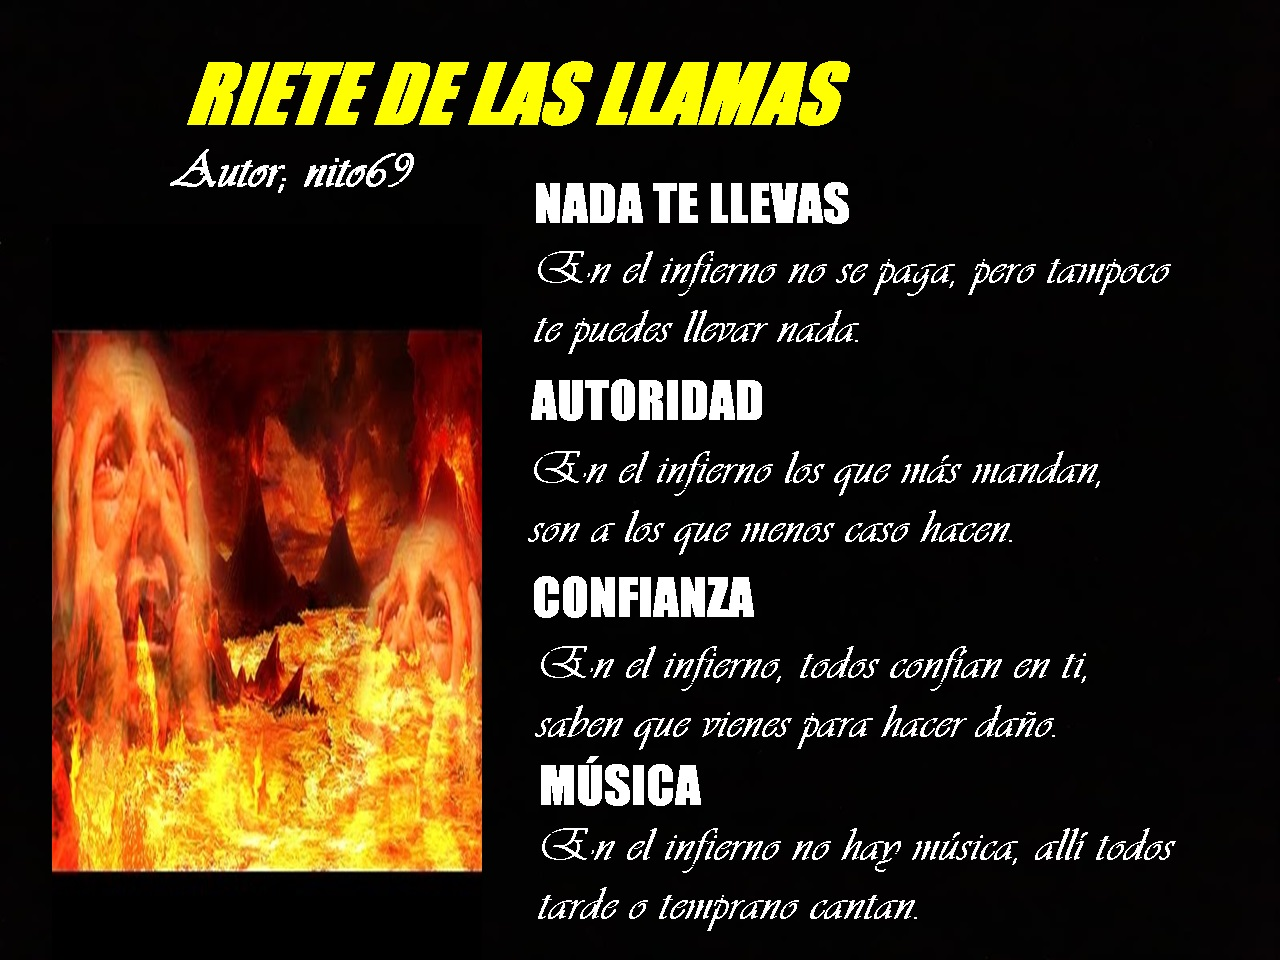 RIETE DE LAS LLAMAS